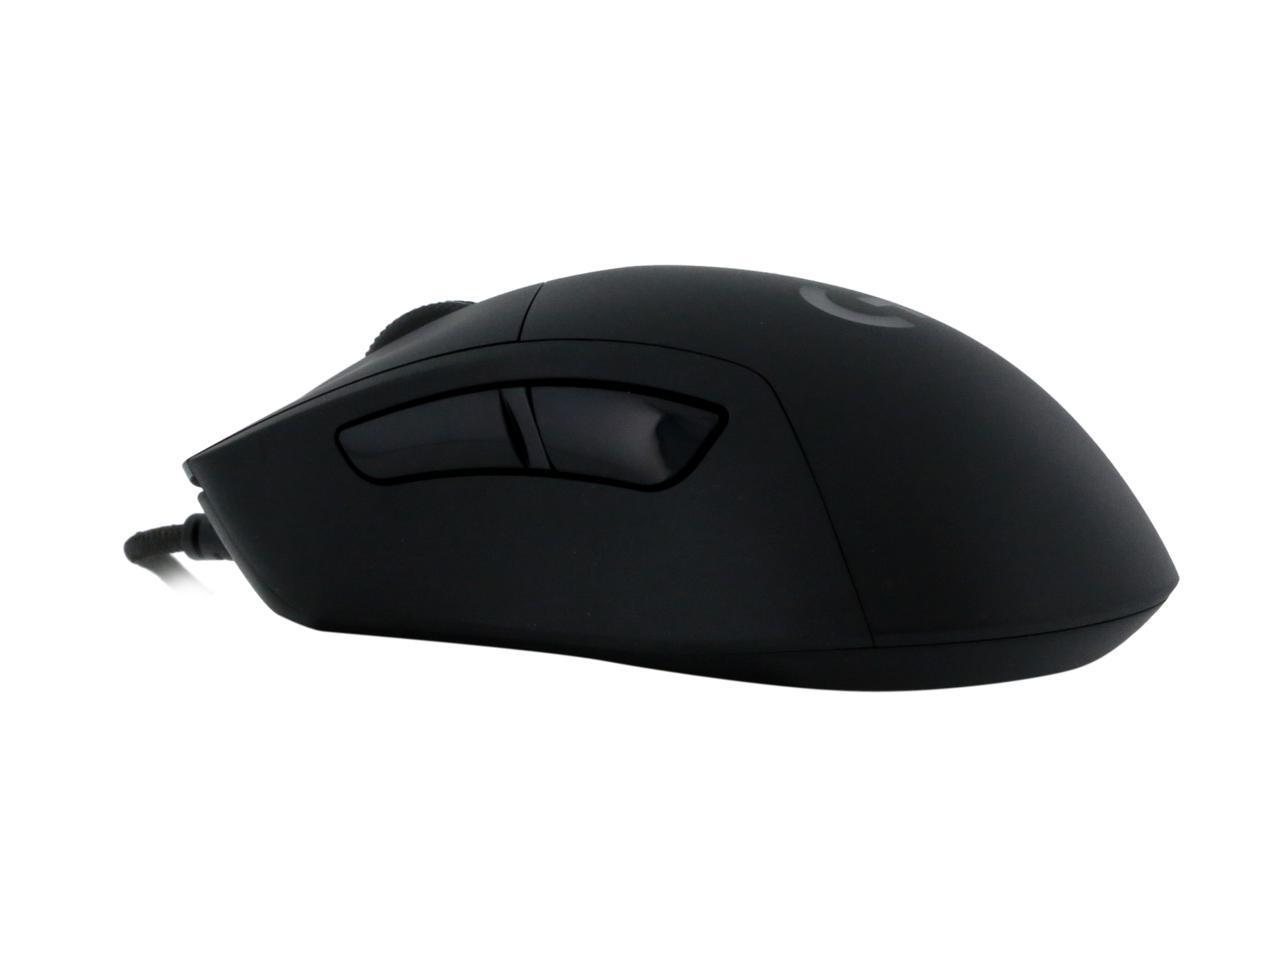 16000 dpi Rat/ón para Gaming Ligero 87 g Cable Trenzado Version para Europa Occidental RGB LIGHTSYNC Logitech G403 Hero 16K 10 g Opcionales Laterales Recubiertos de Goma ES